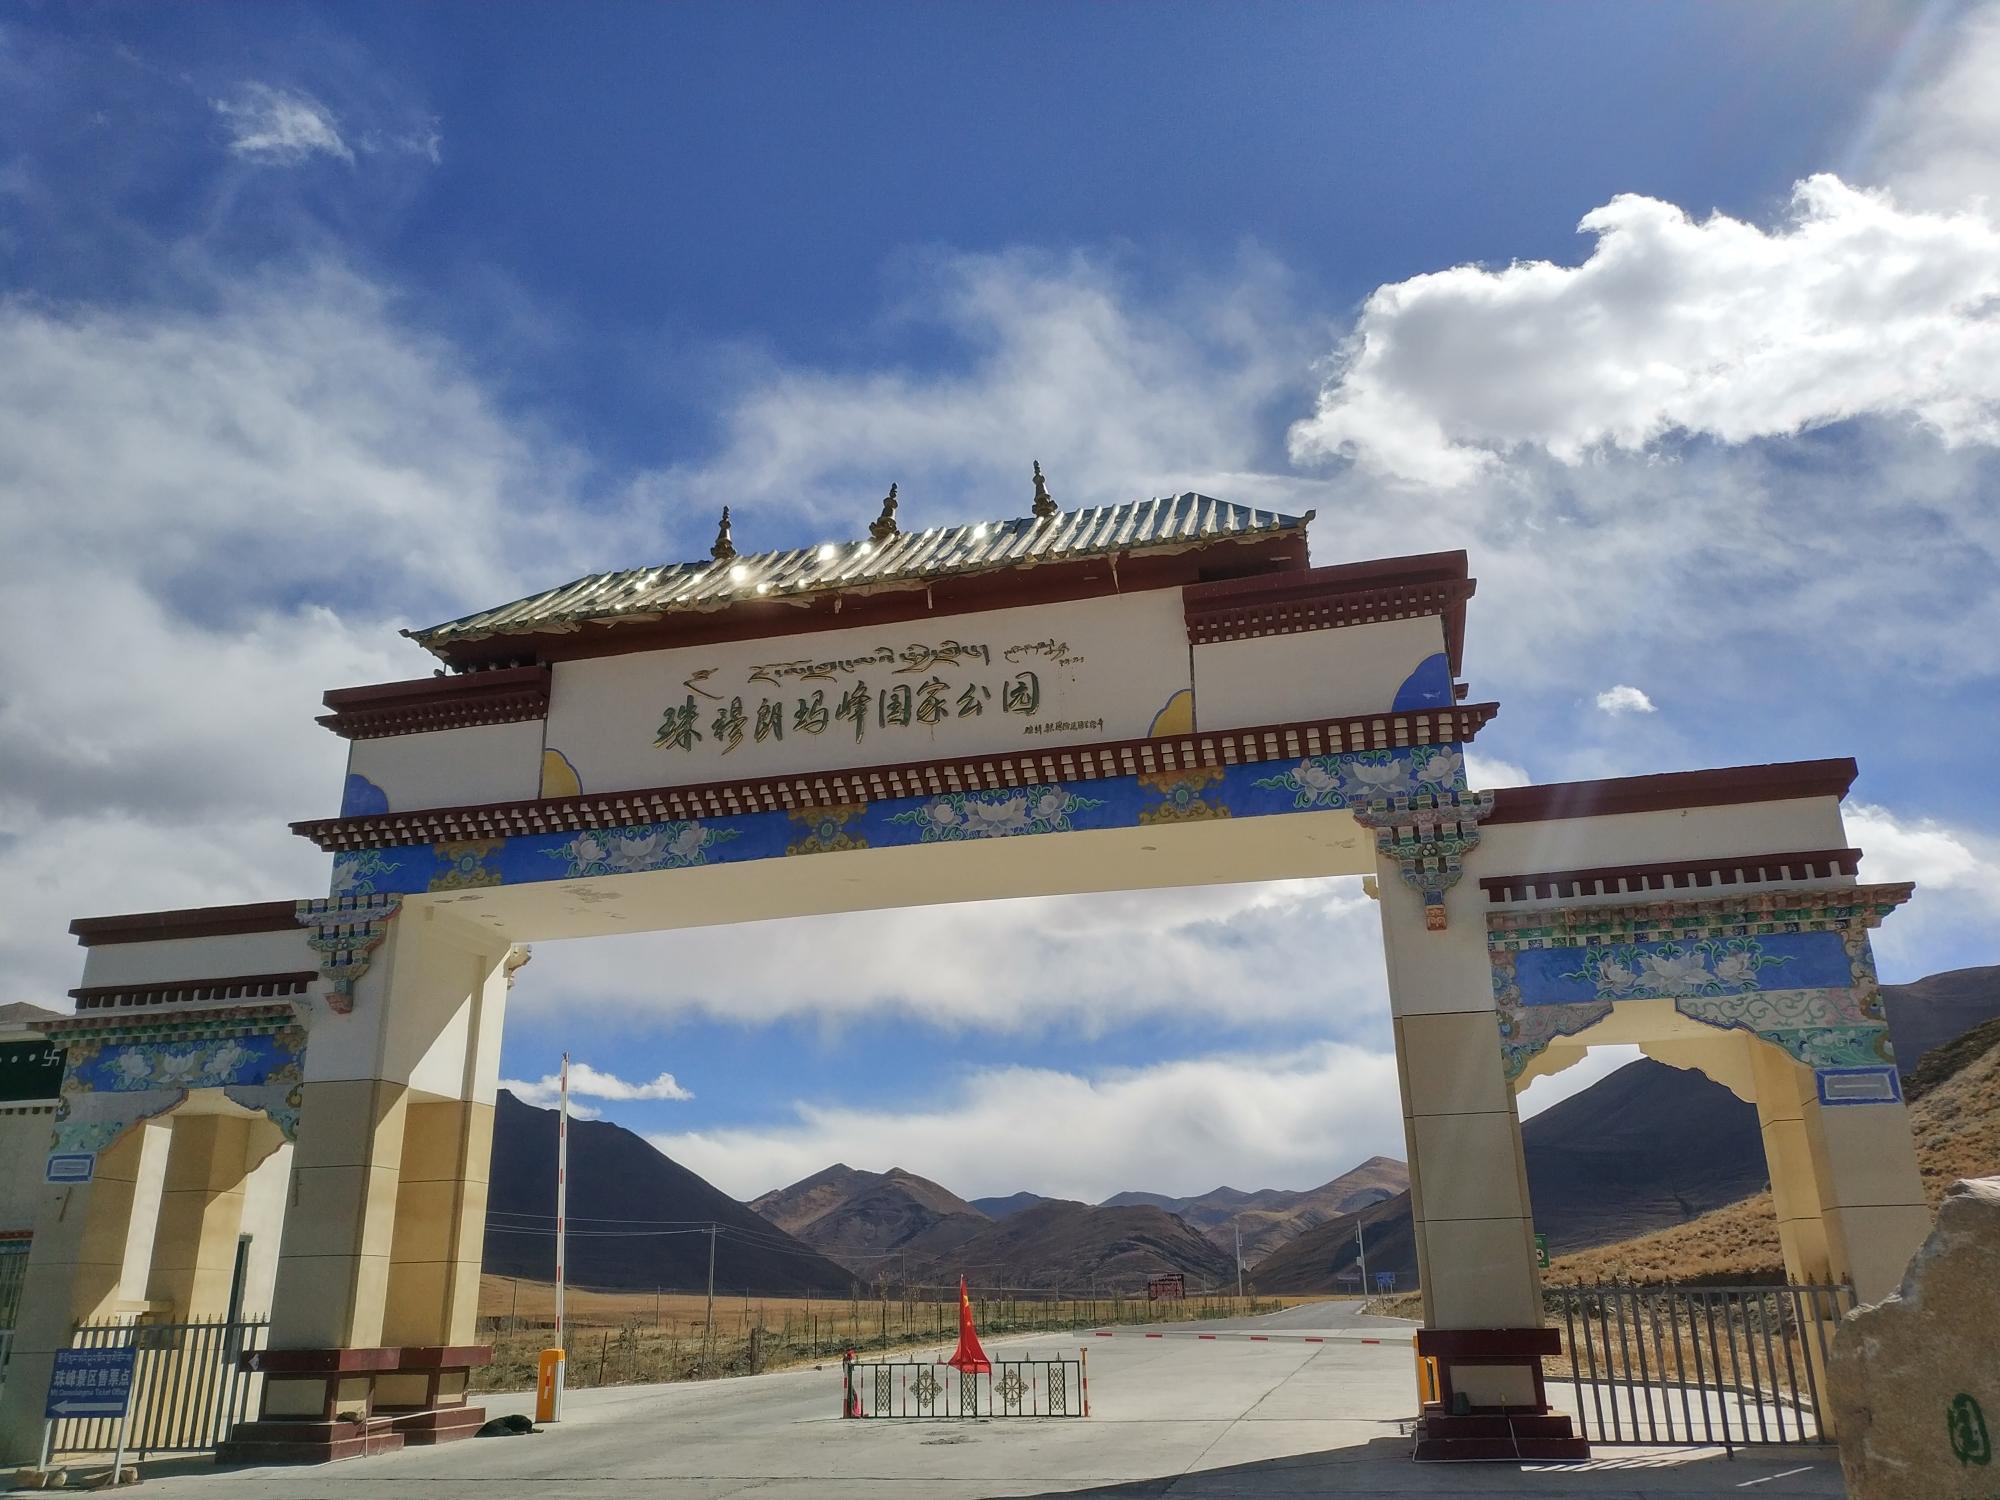 向西藏珠穆朗玛峰进攻——珠穆朗玛峰攻略